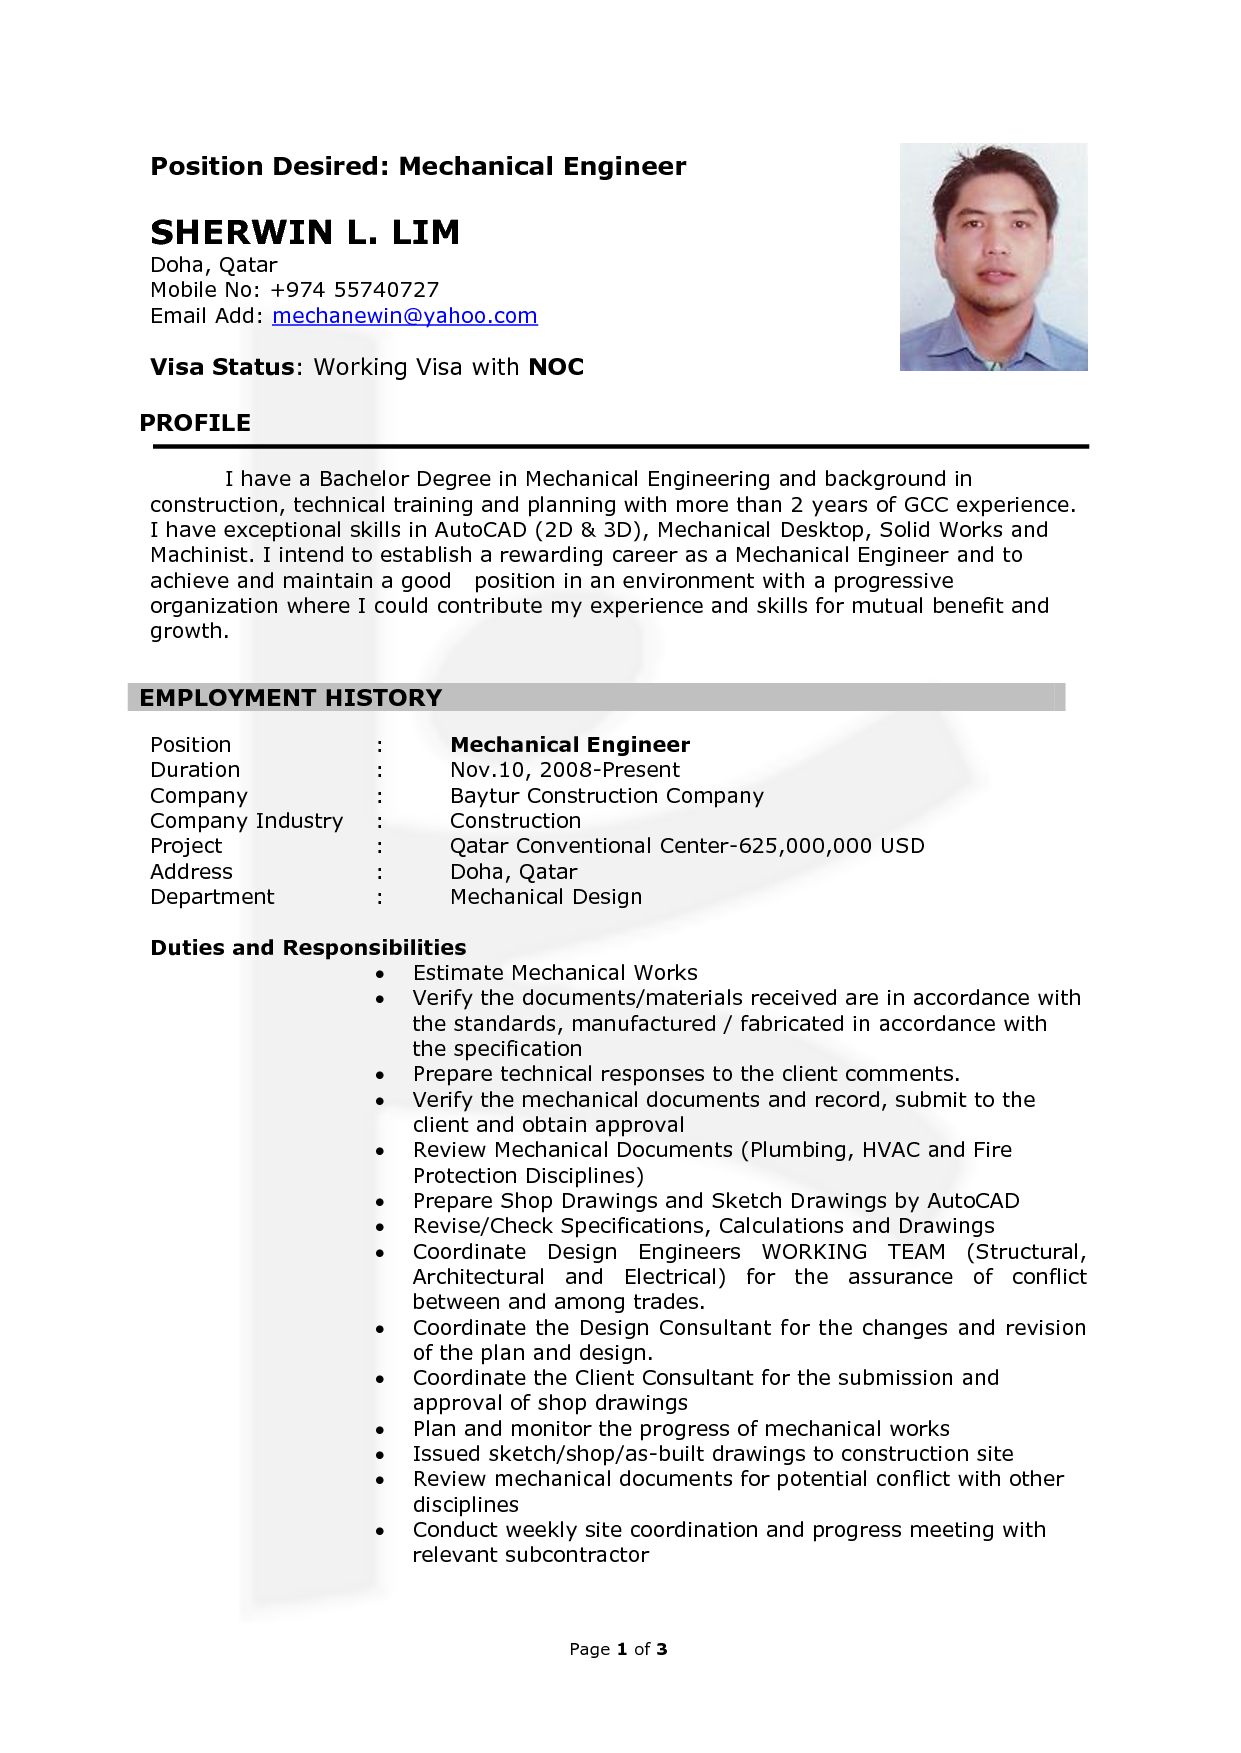 Resume Mechanical Engineeringcareer Resume Template Career Resume Template Mechanical Engineer Resume Engineering Resume Mechanical Engineering